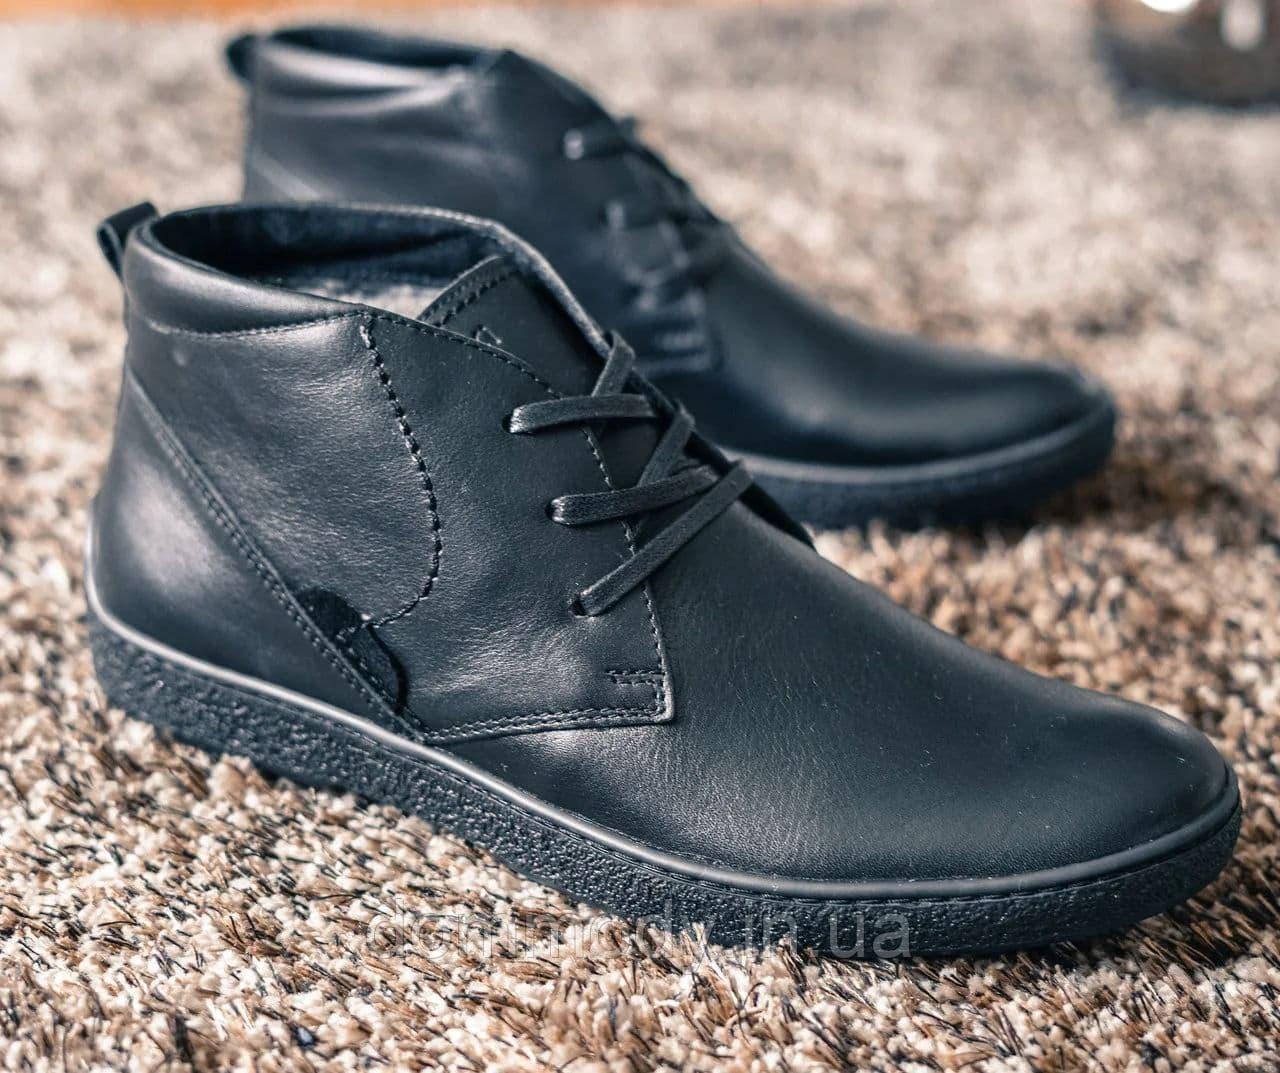 Ботинки мужские зимние из кожи